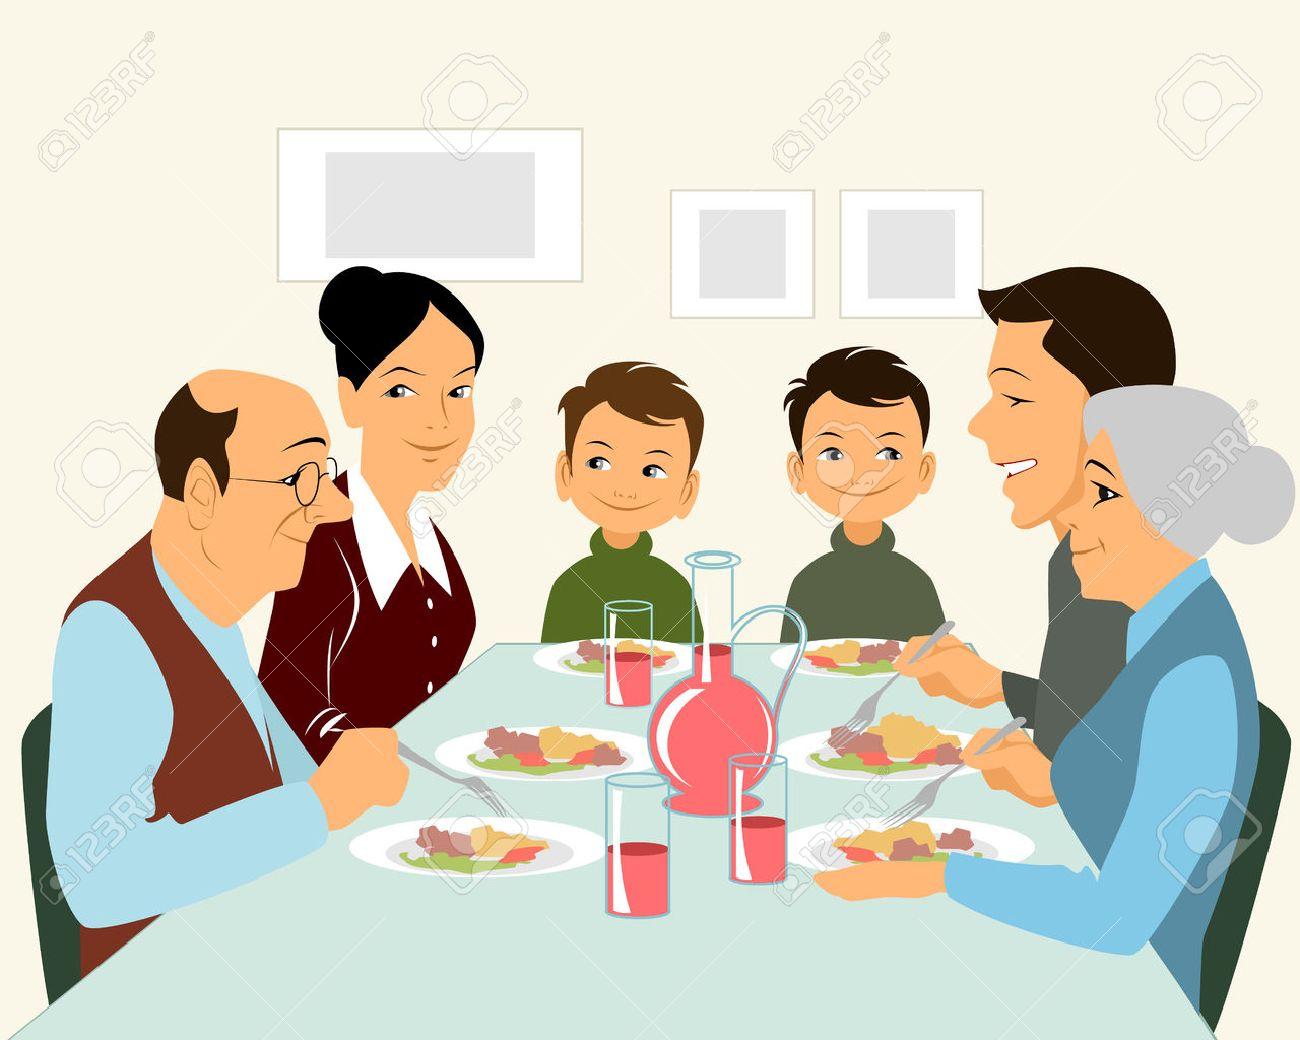 大きな家族の食事のイラストのイラスト素材ベクタ Image 54227814